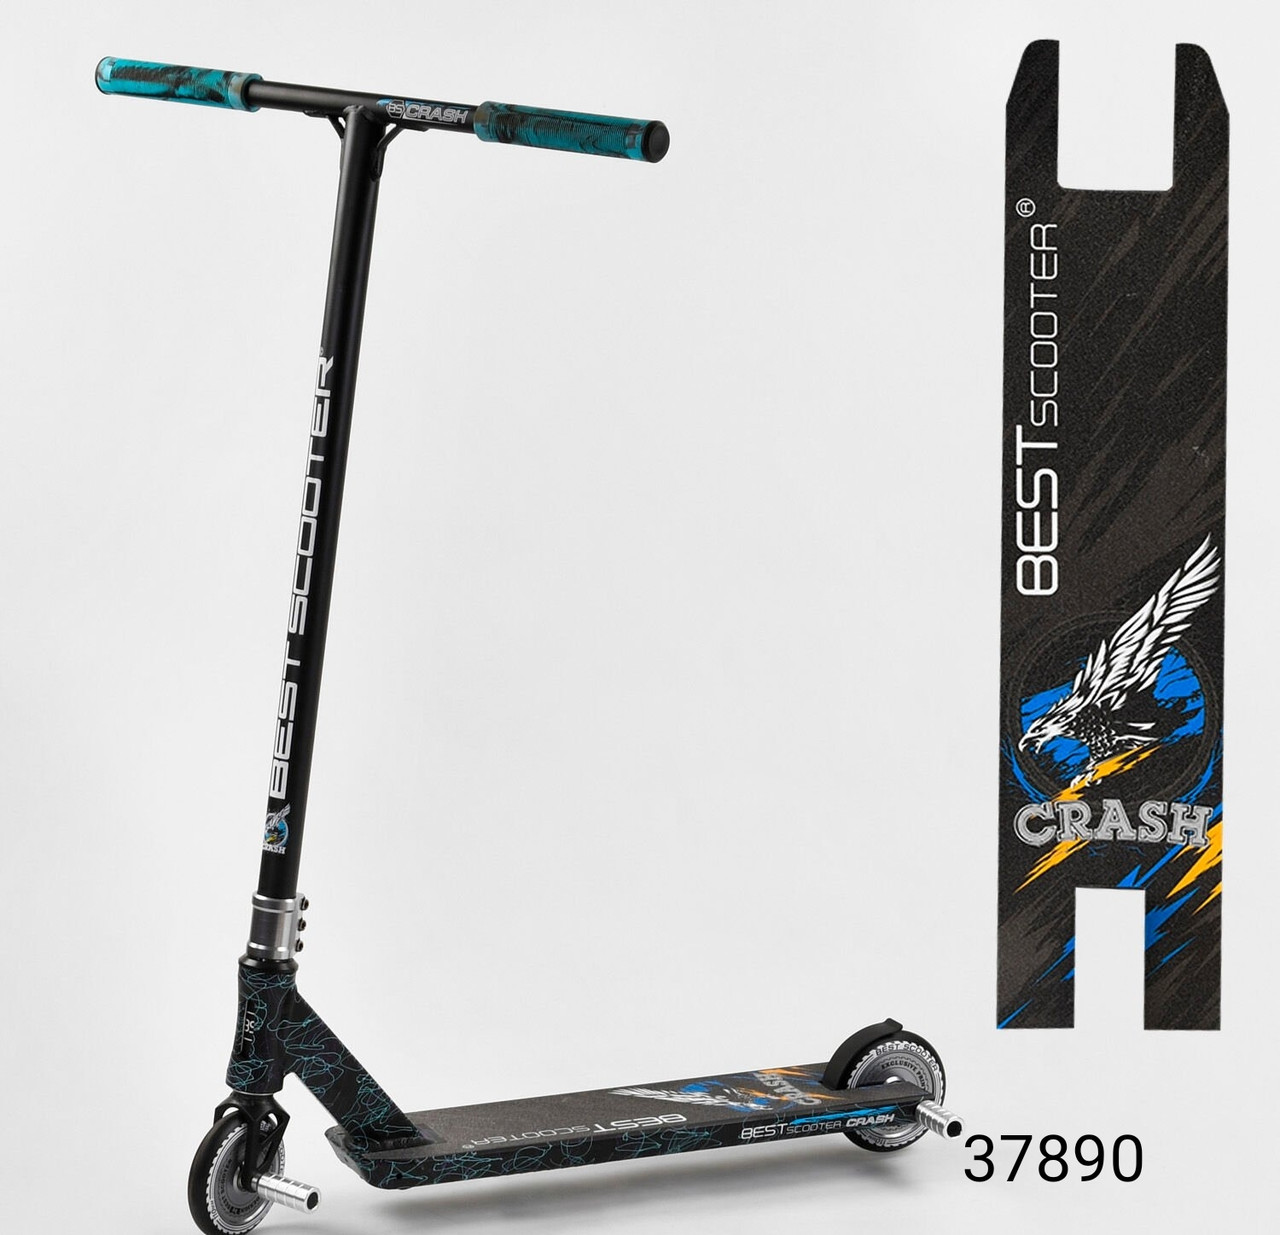 Самокат SRASH Best Scooter 37890